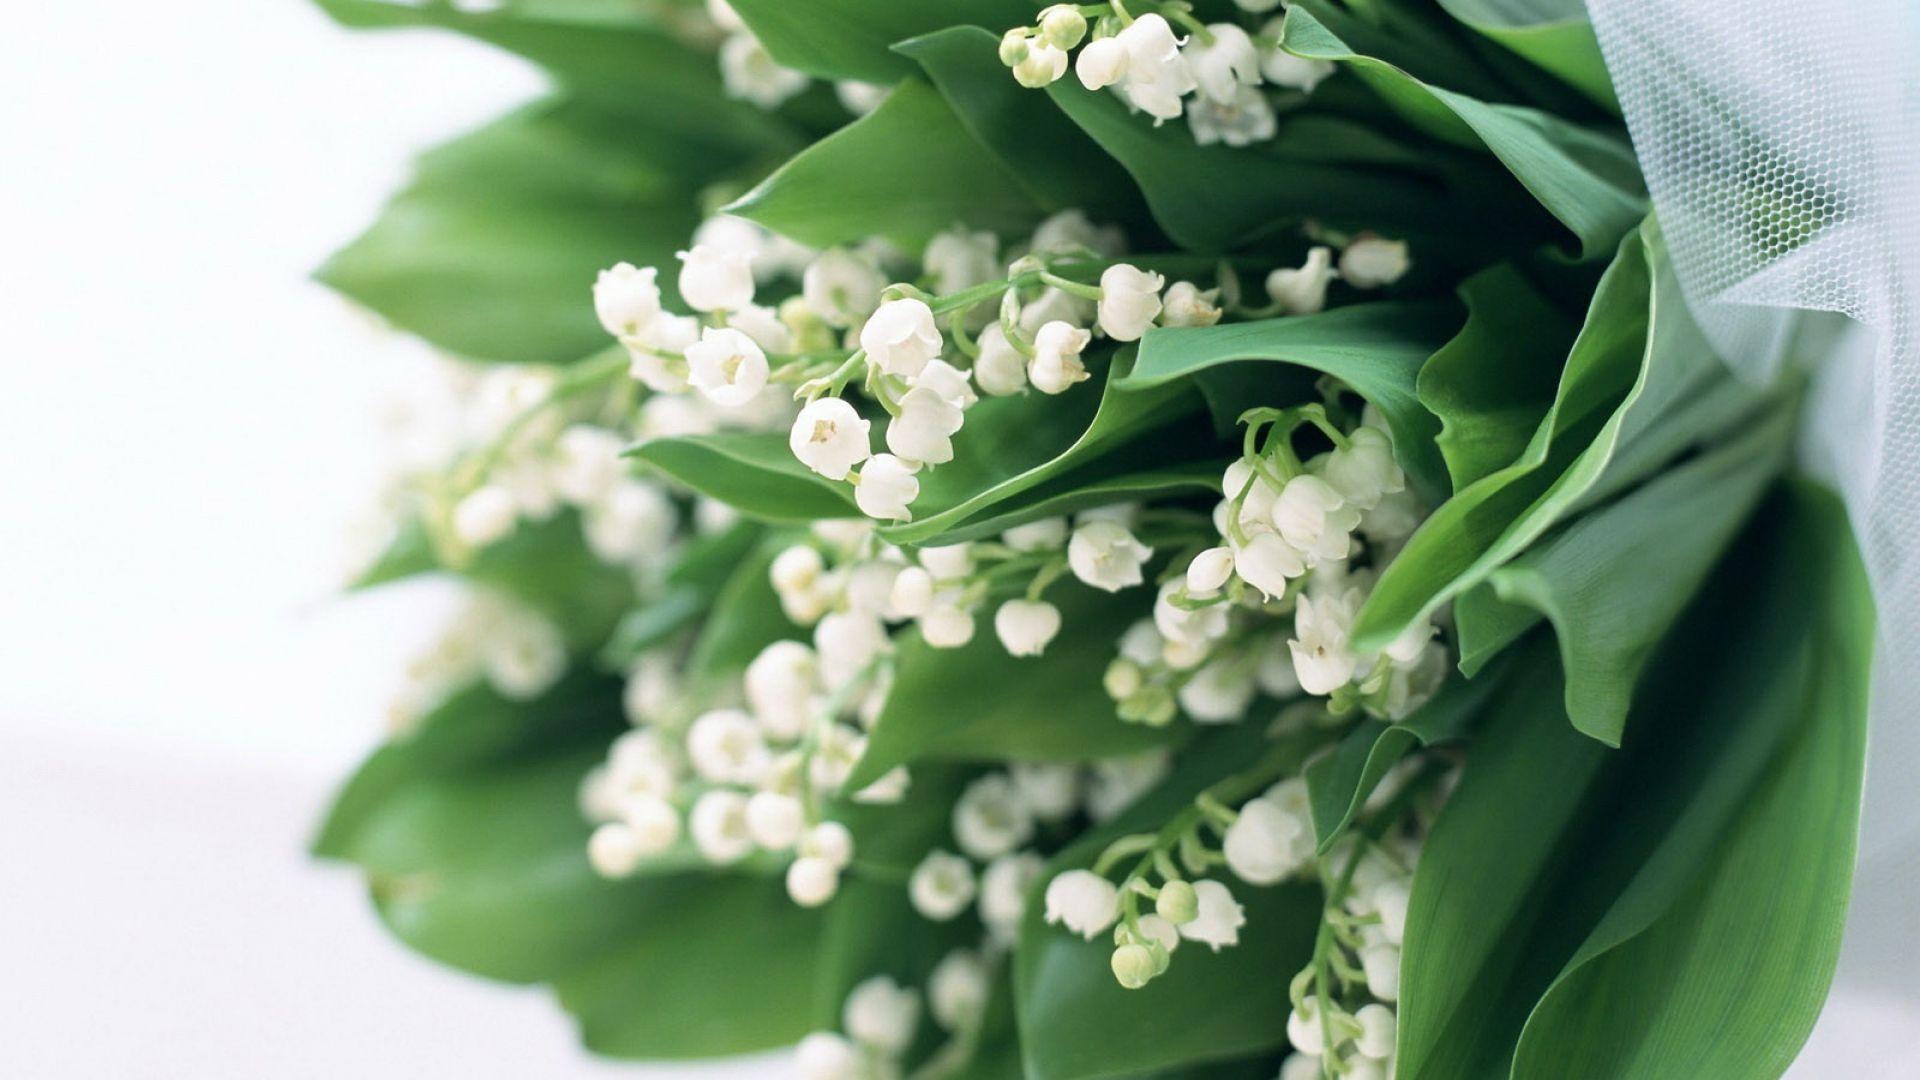 Muguet Flower 1920x1080 wallpaper